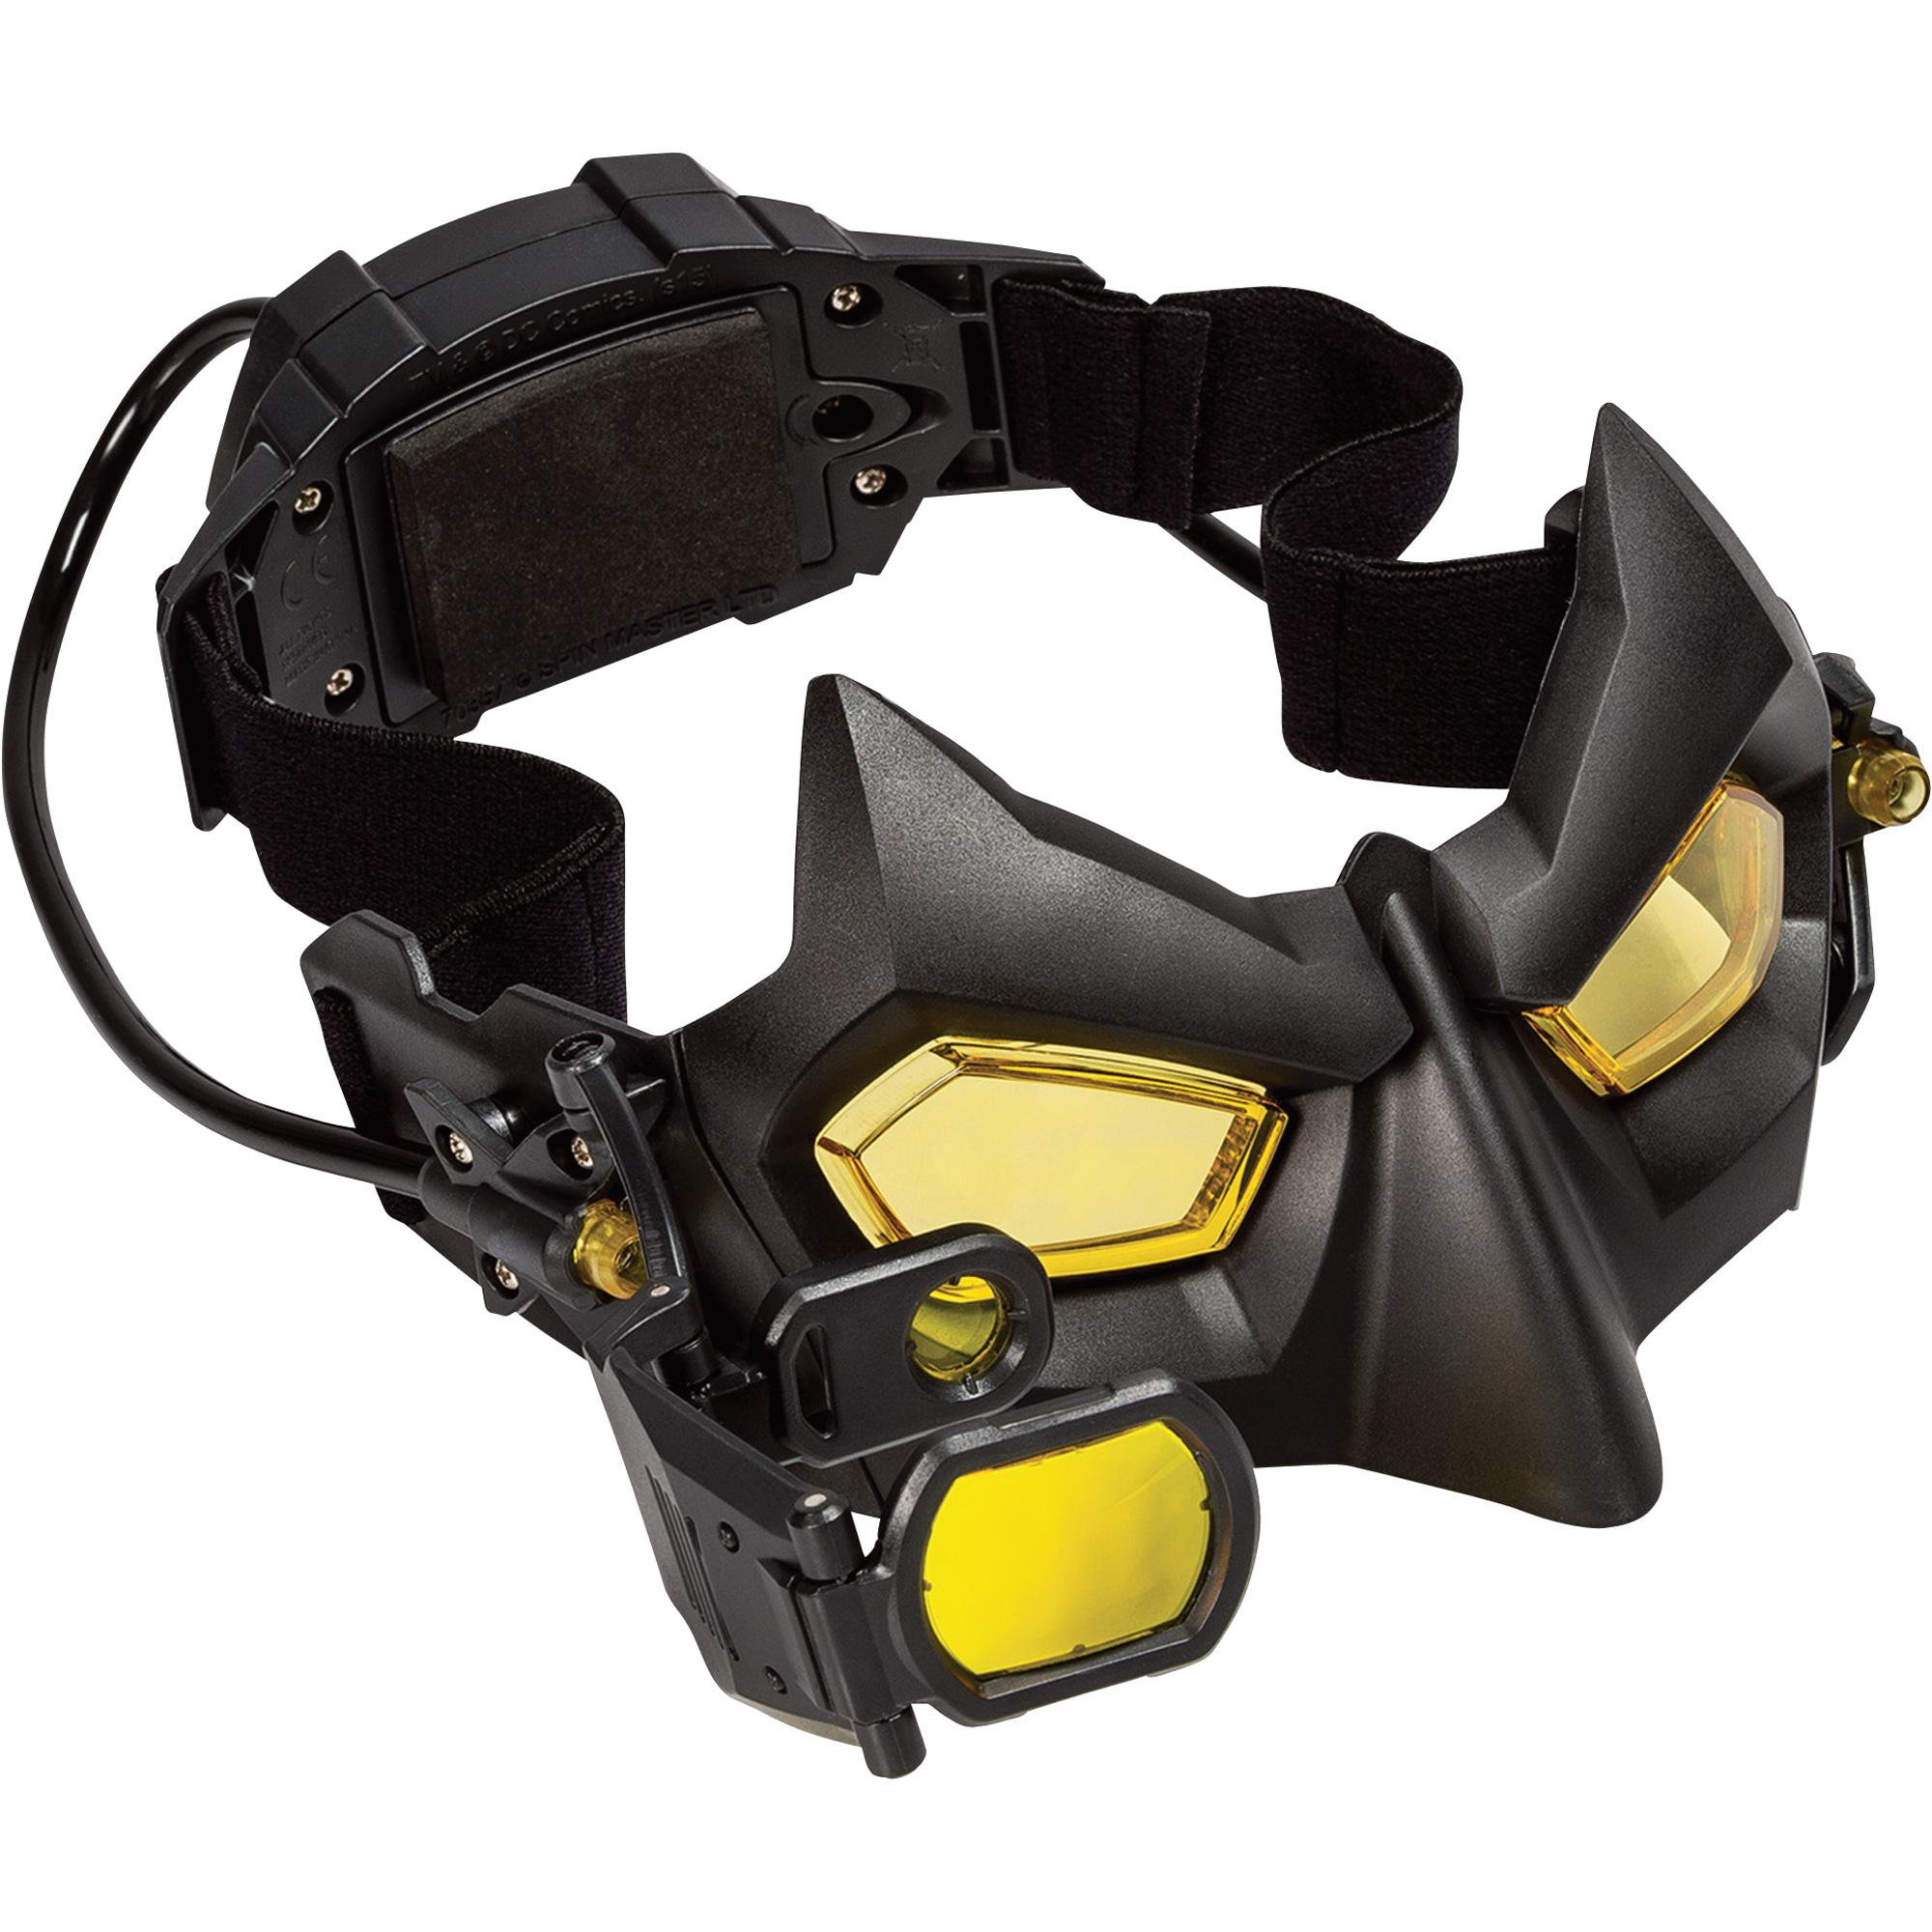 Walmart Irapuato: Máscara de Batman Night Goggles SPY GEAR, precio online $299, precio en tienda fisica $35.01